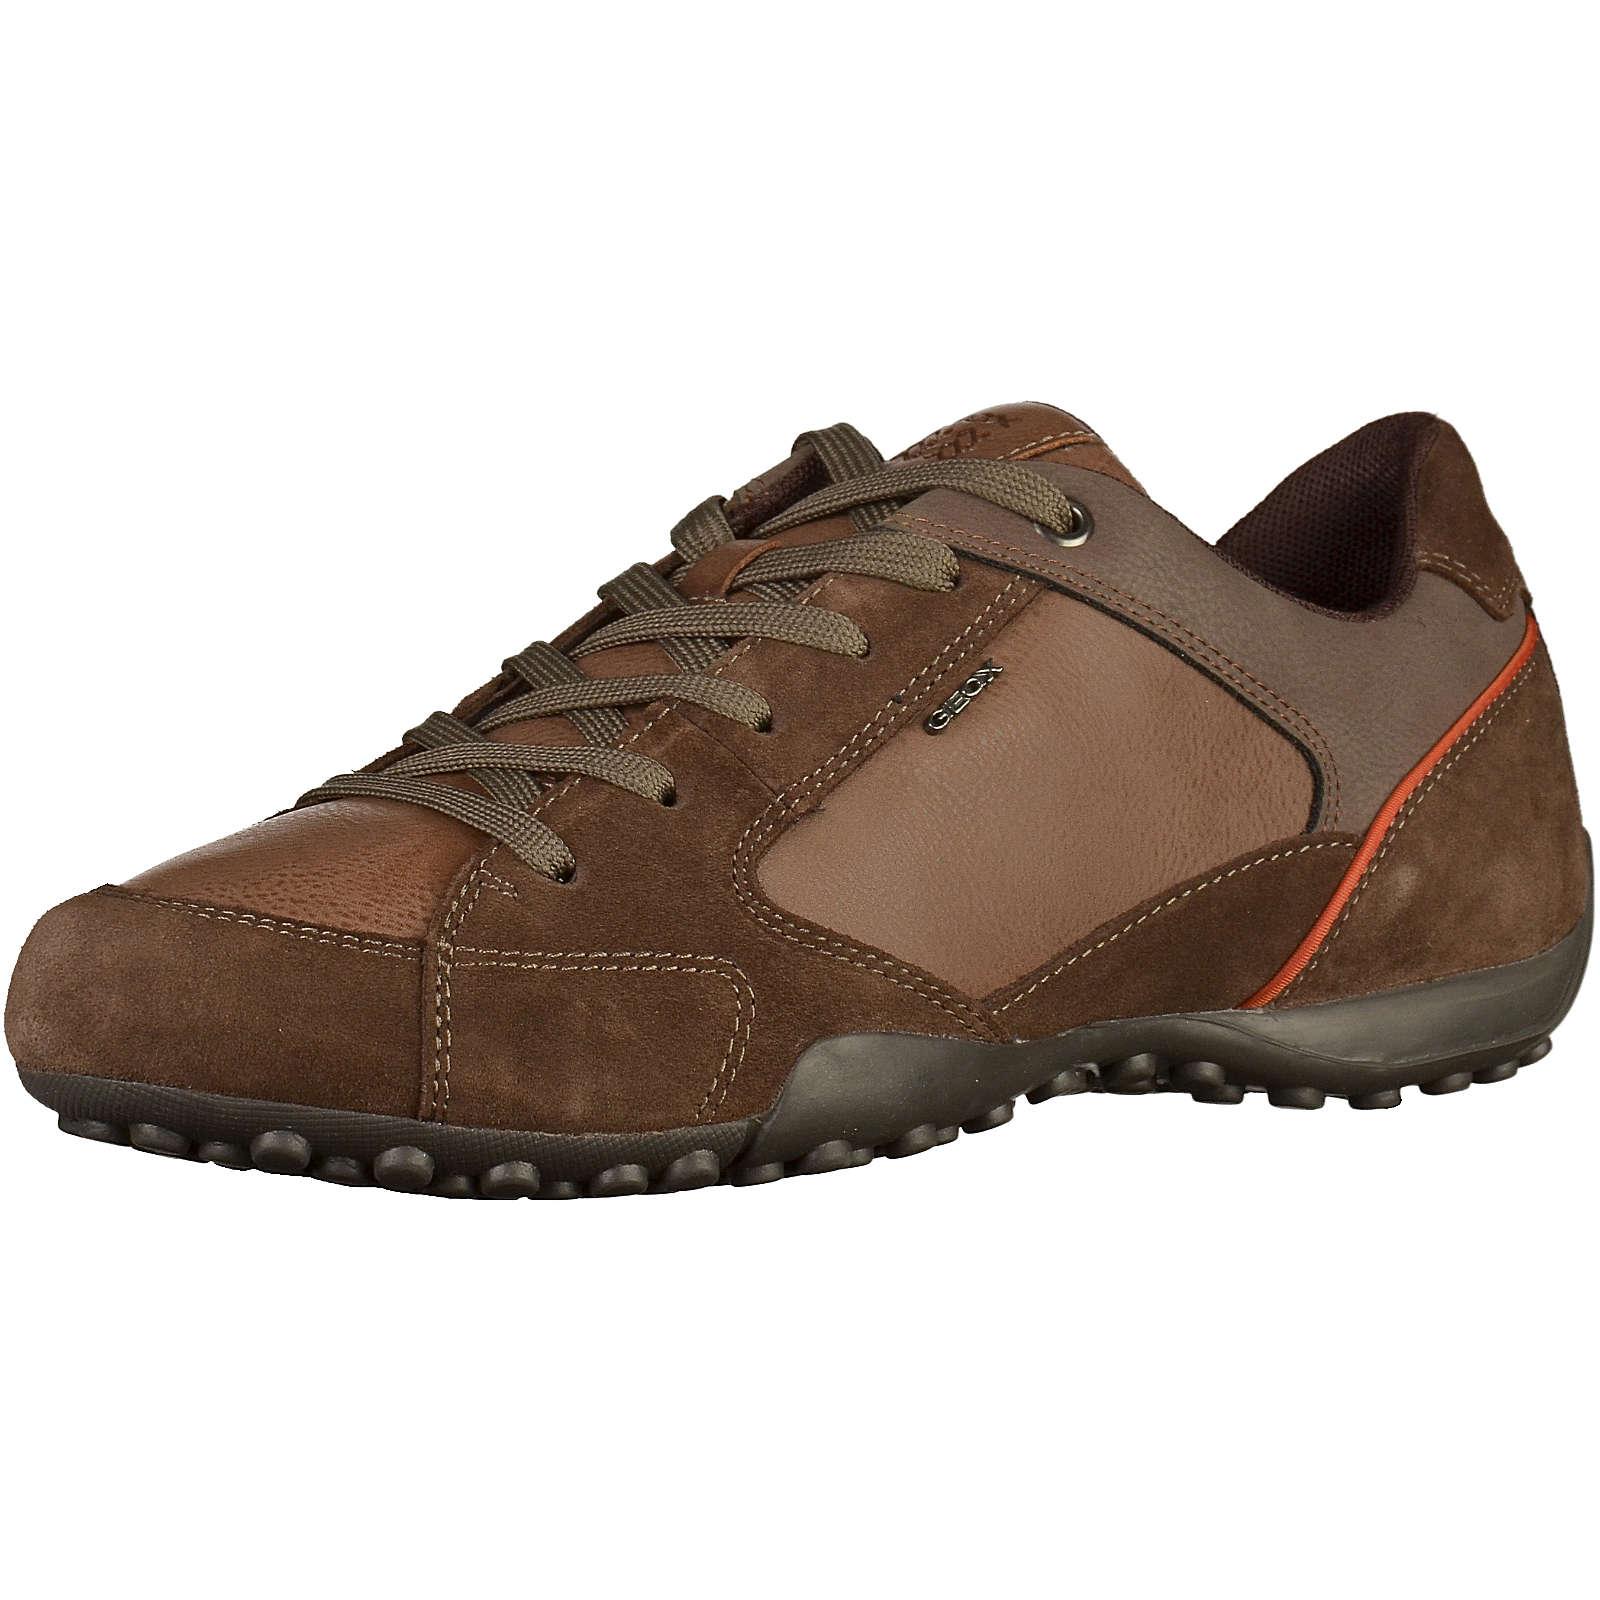 GEOX Freizeit Schuhe braun Herren Gr. 41